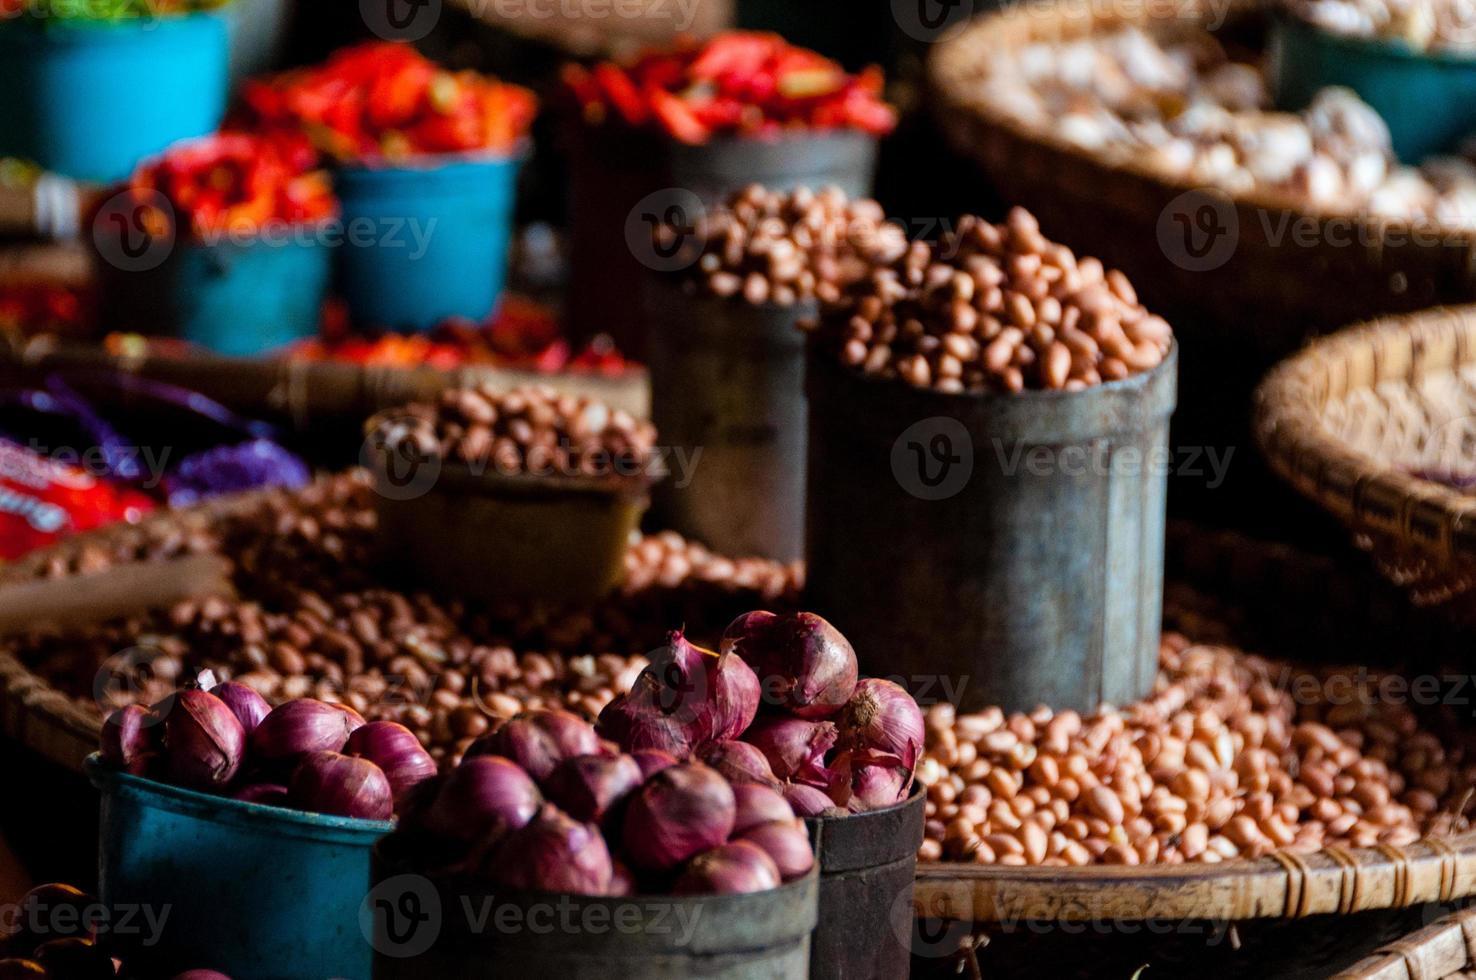 nozes e cebolas descascadas em baldes no mercado local foto